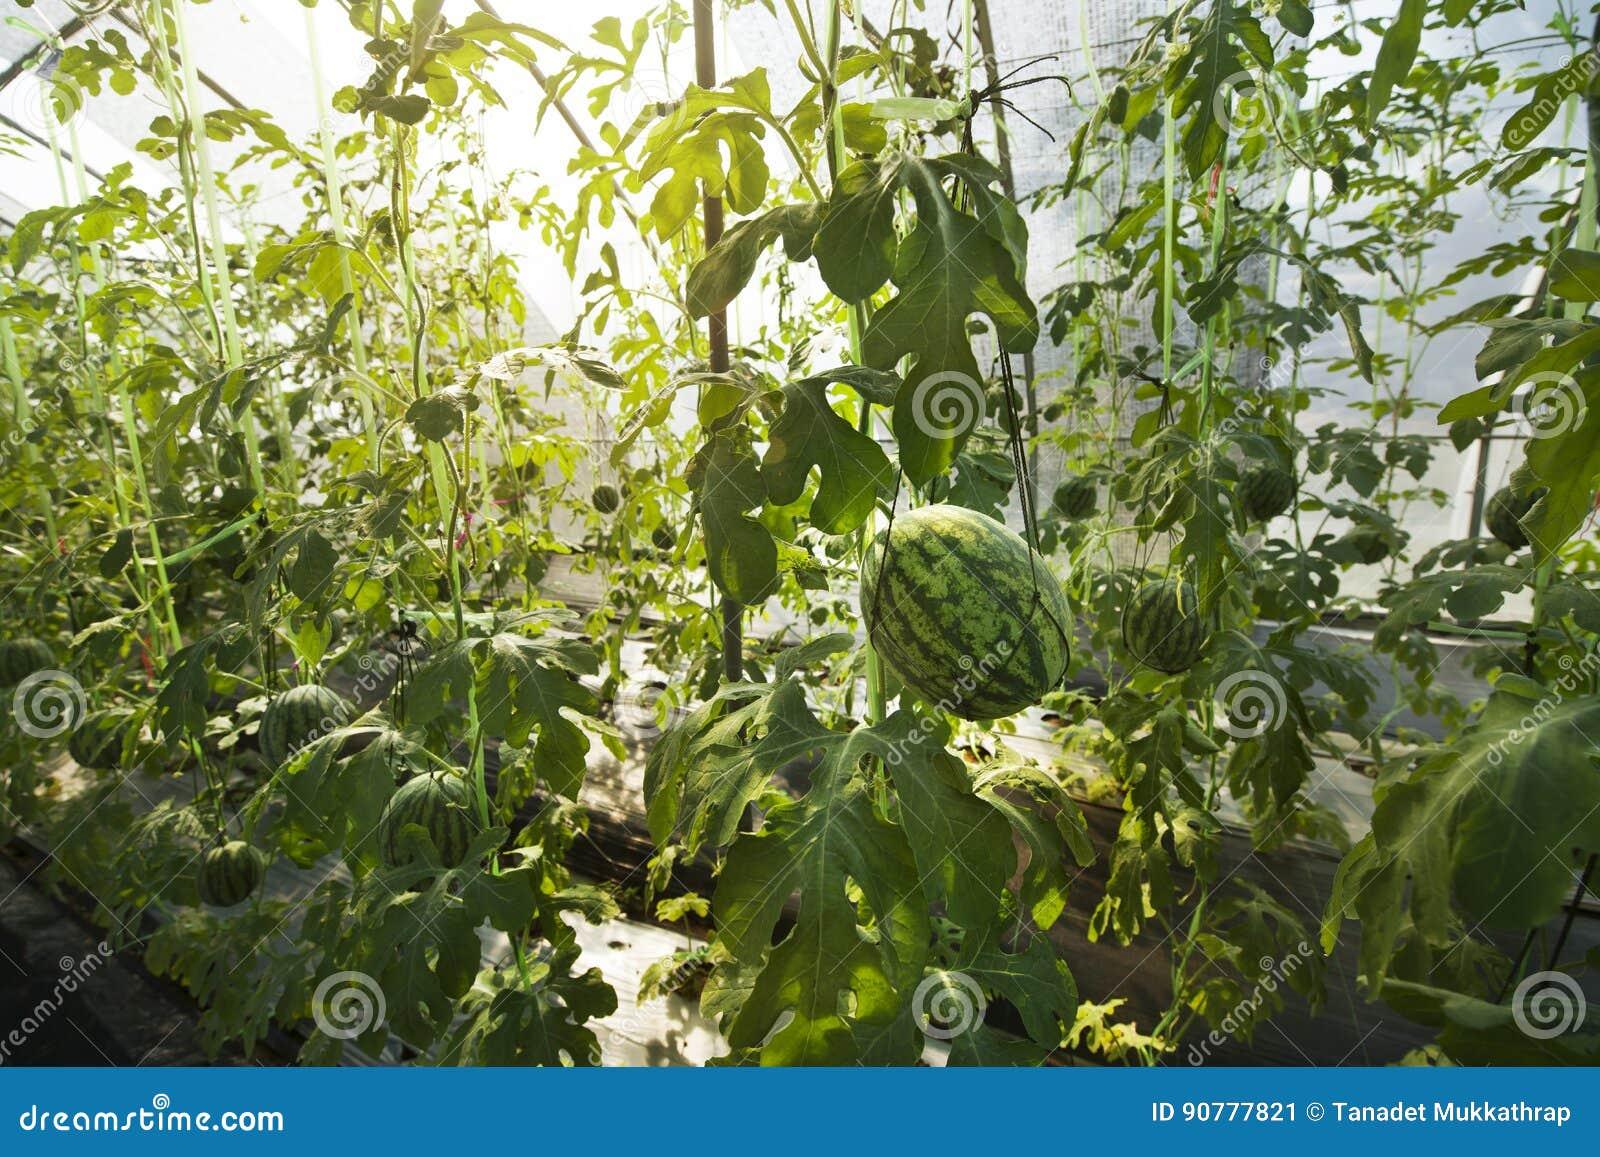 pastèque en serre chaude image stock. image du ferme - 90777821